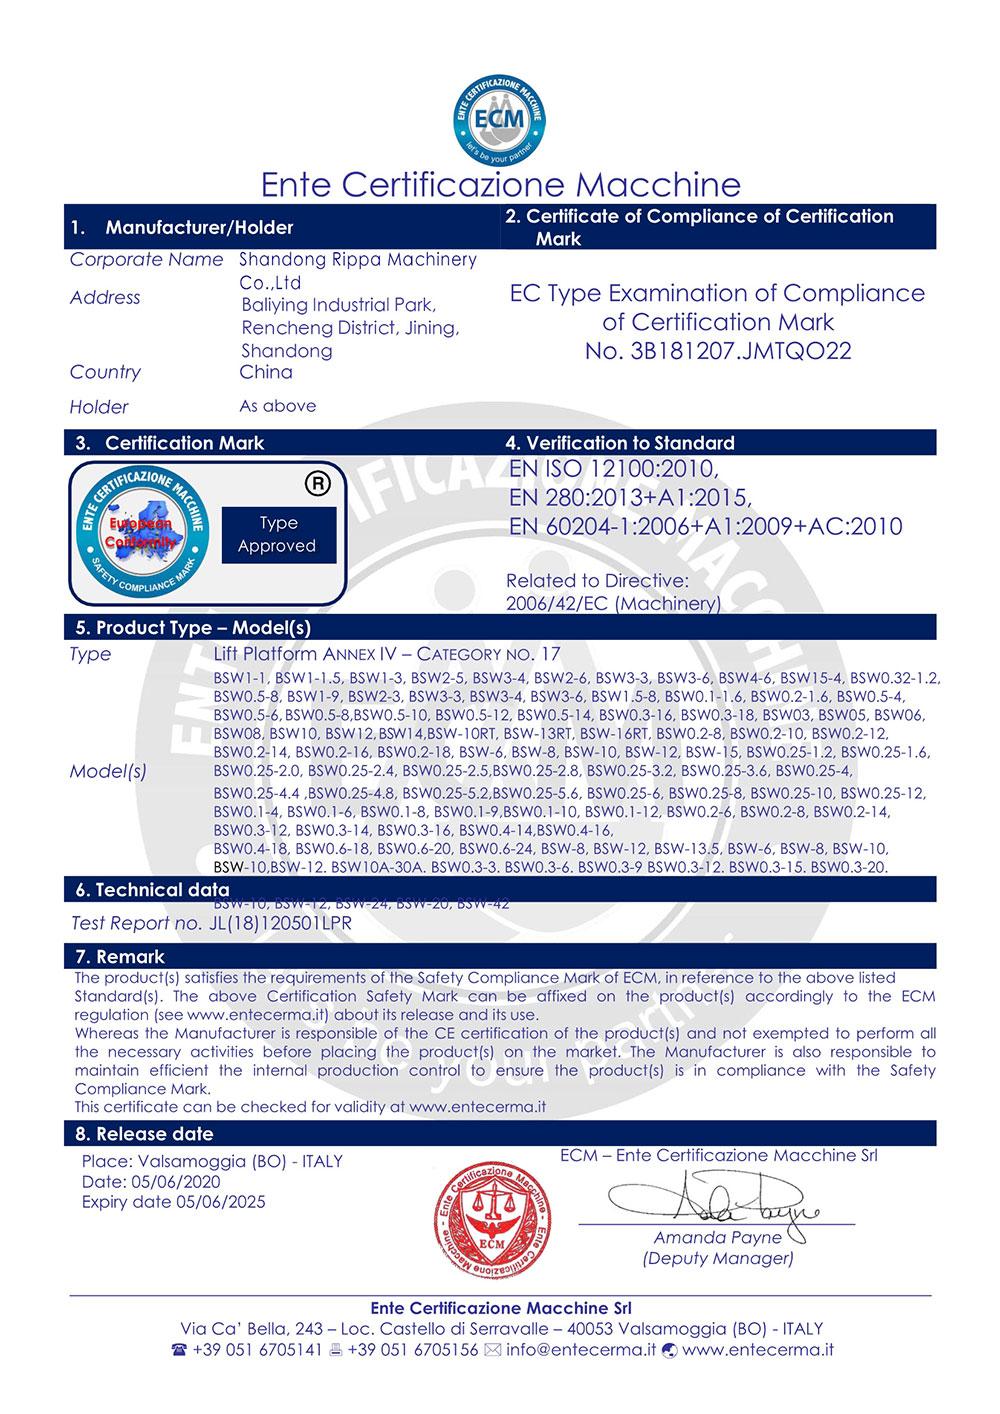 Ente certificazione macchine-Rippa China